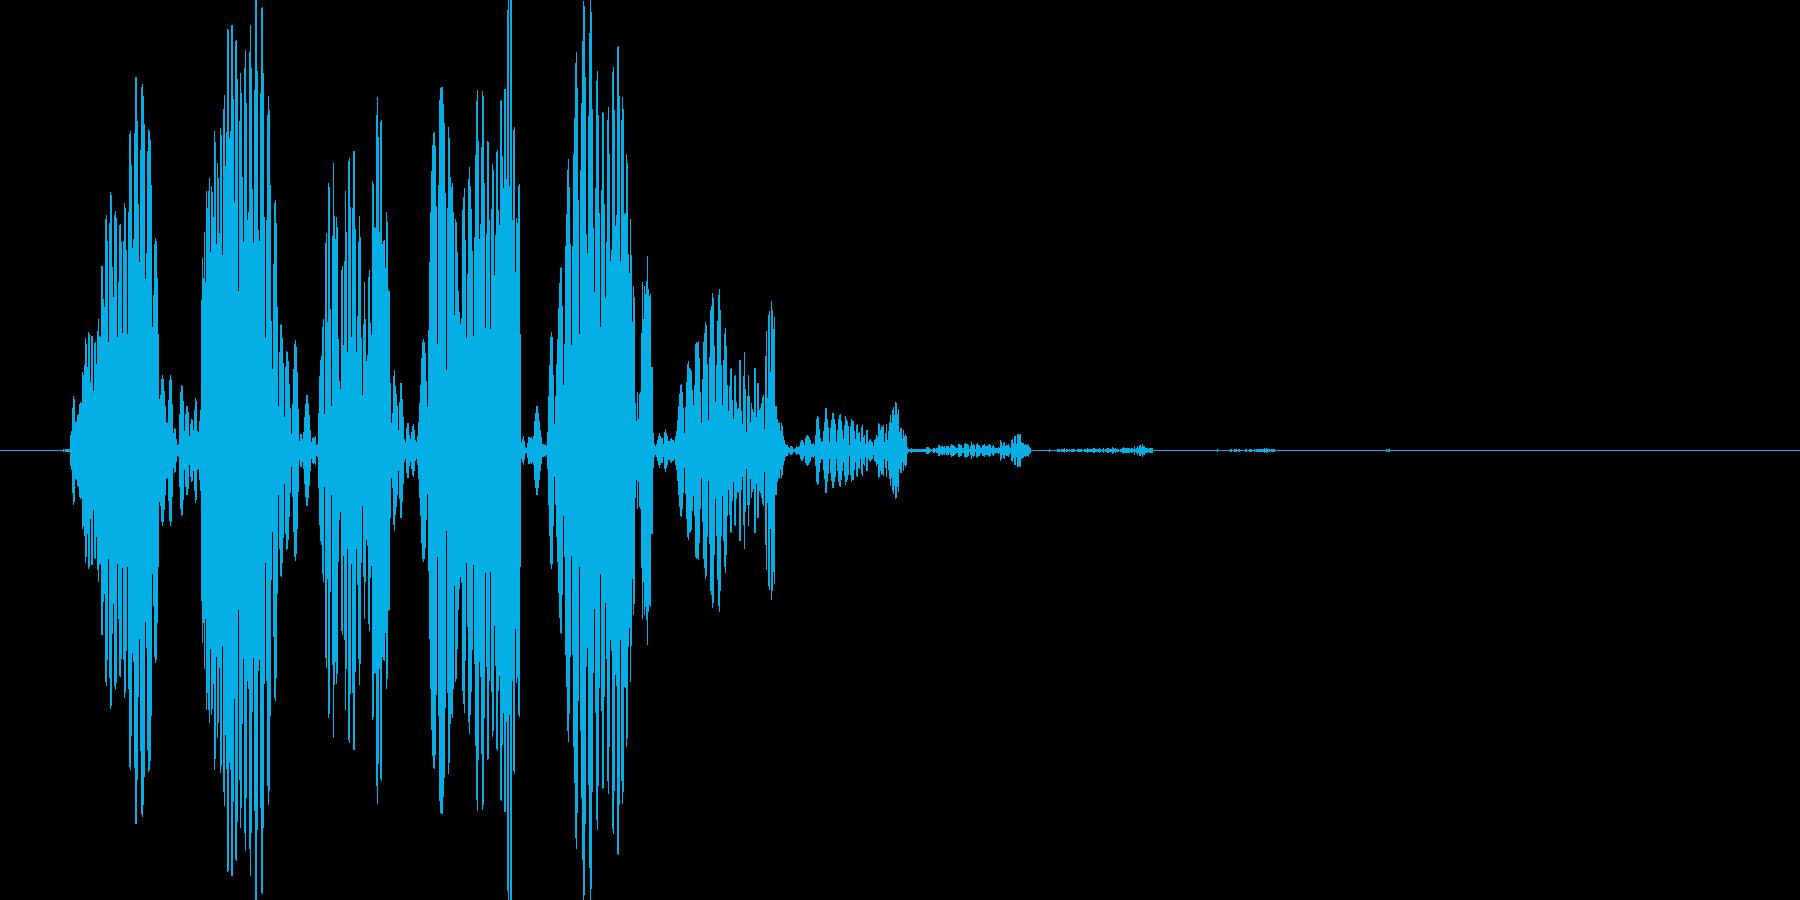 電子系のブクブク音の再生済みの波形